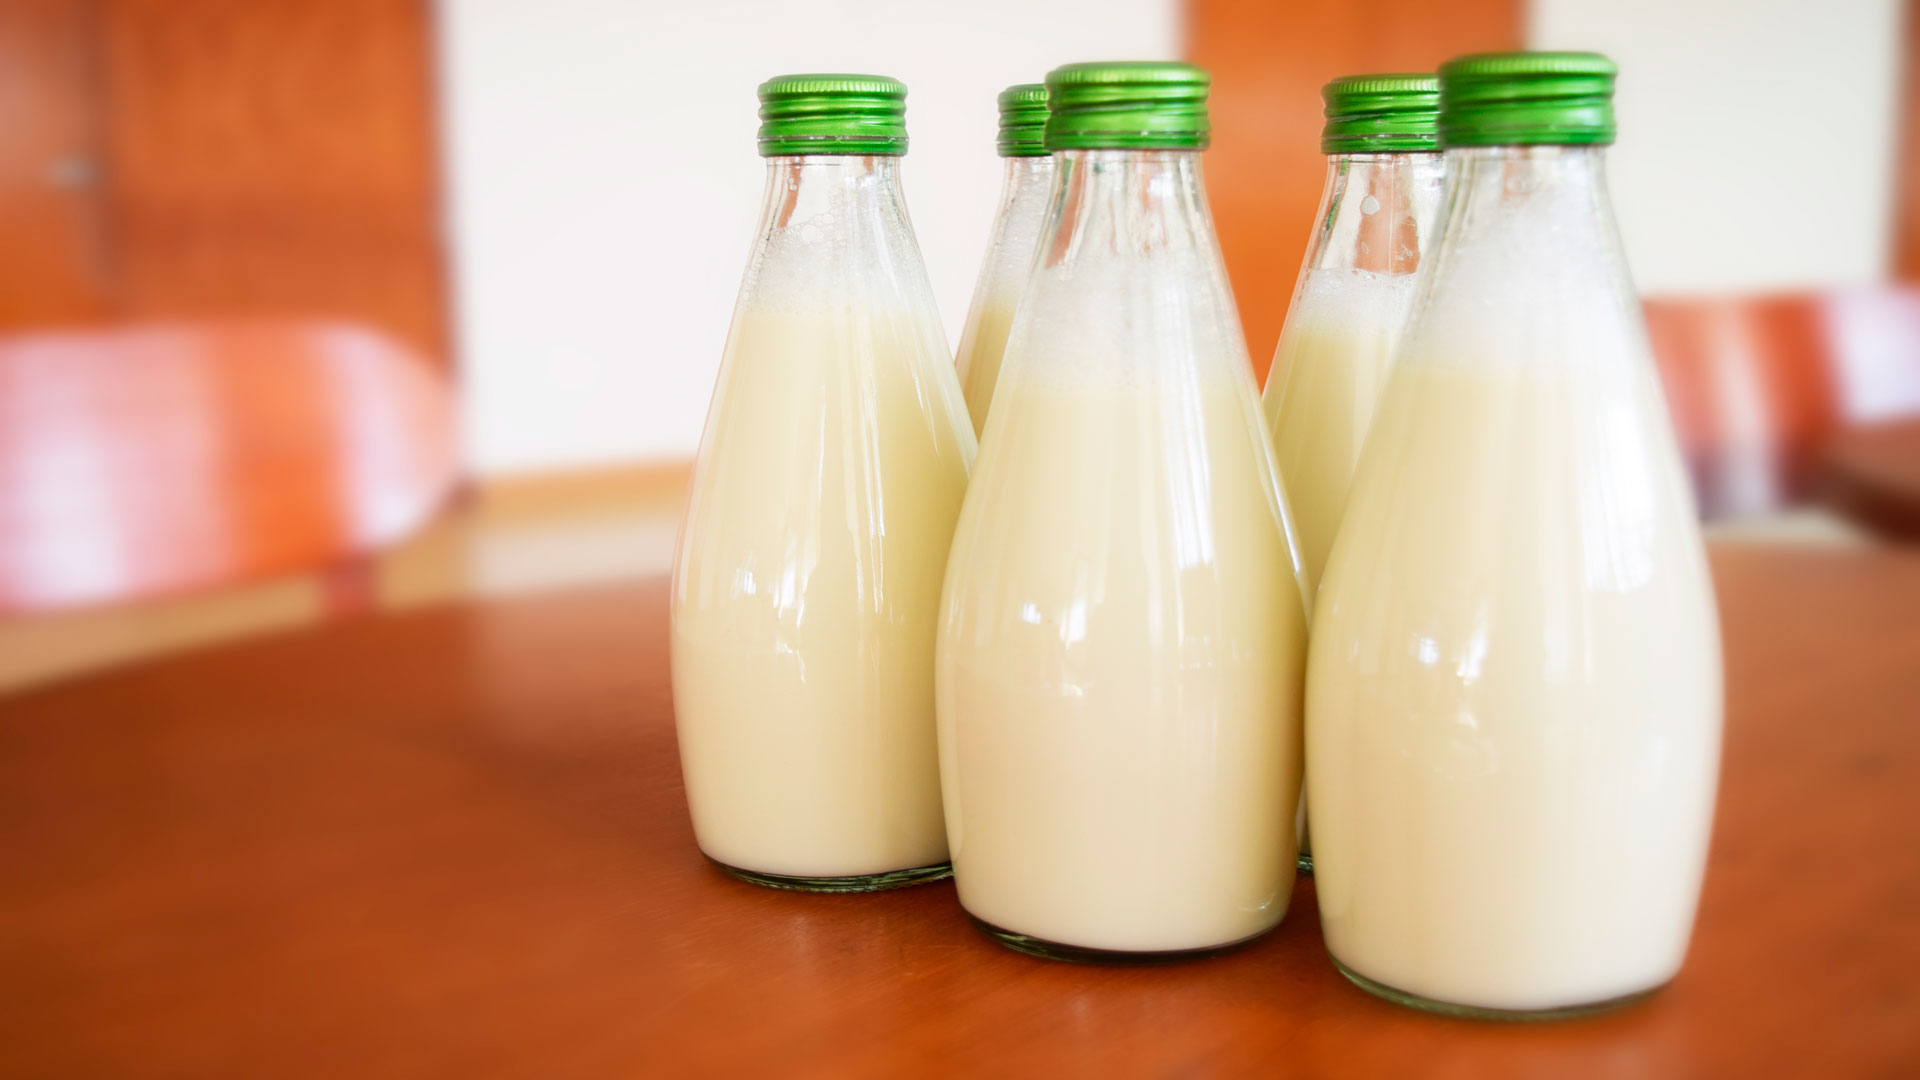 aprobada una proposición no de ley para que los ganadero cobren un precio suficiente por la leche